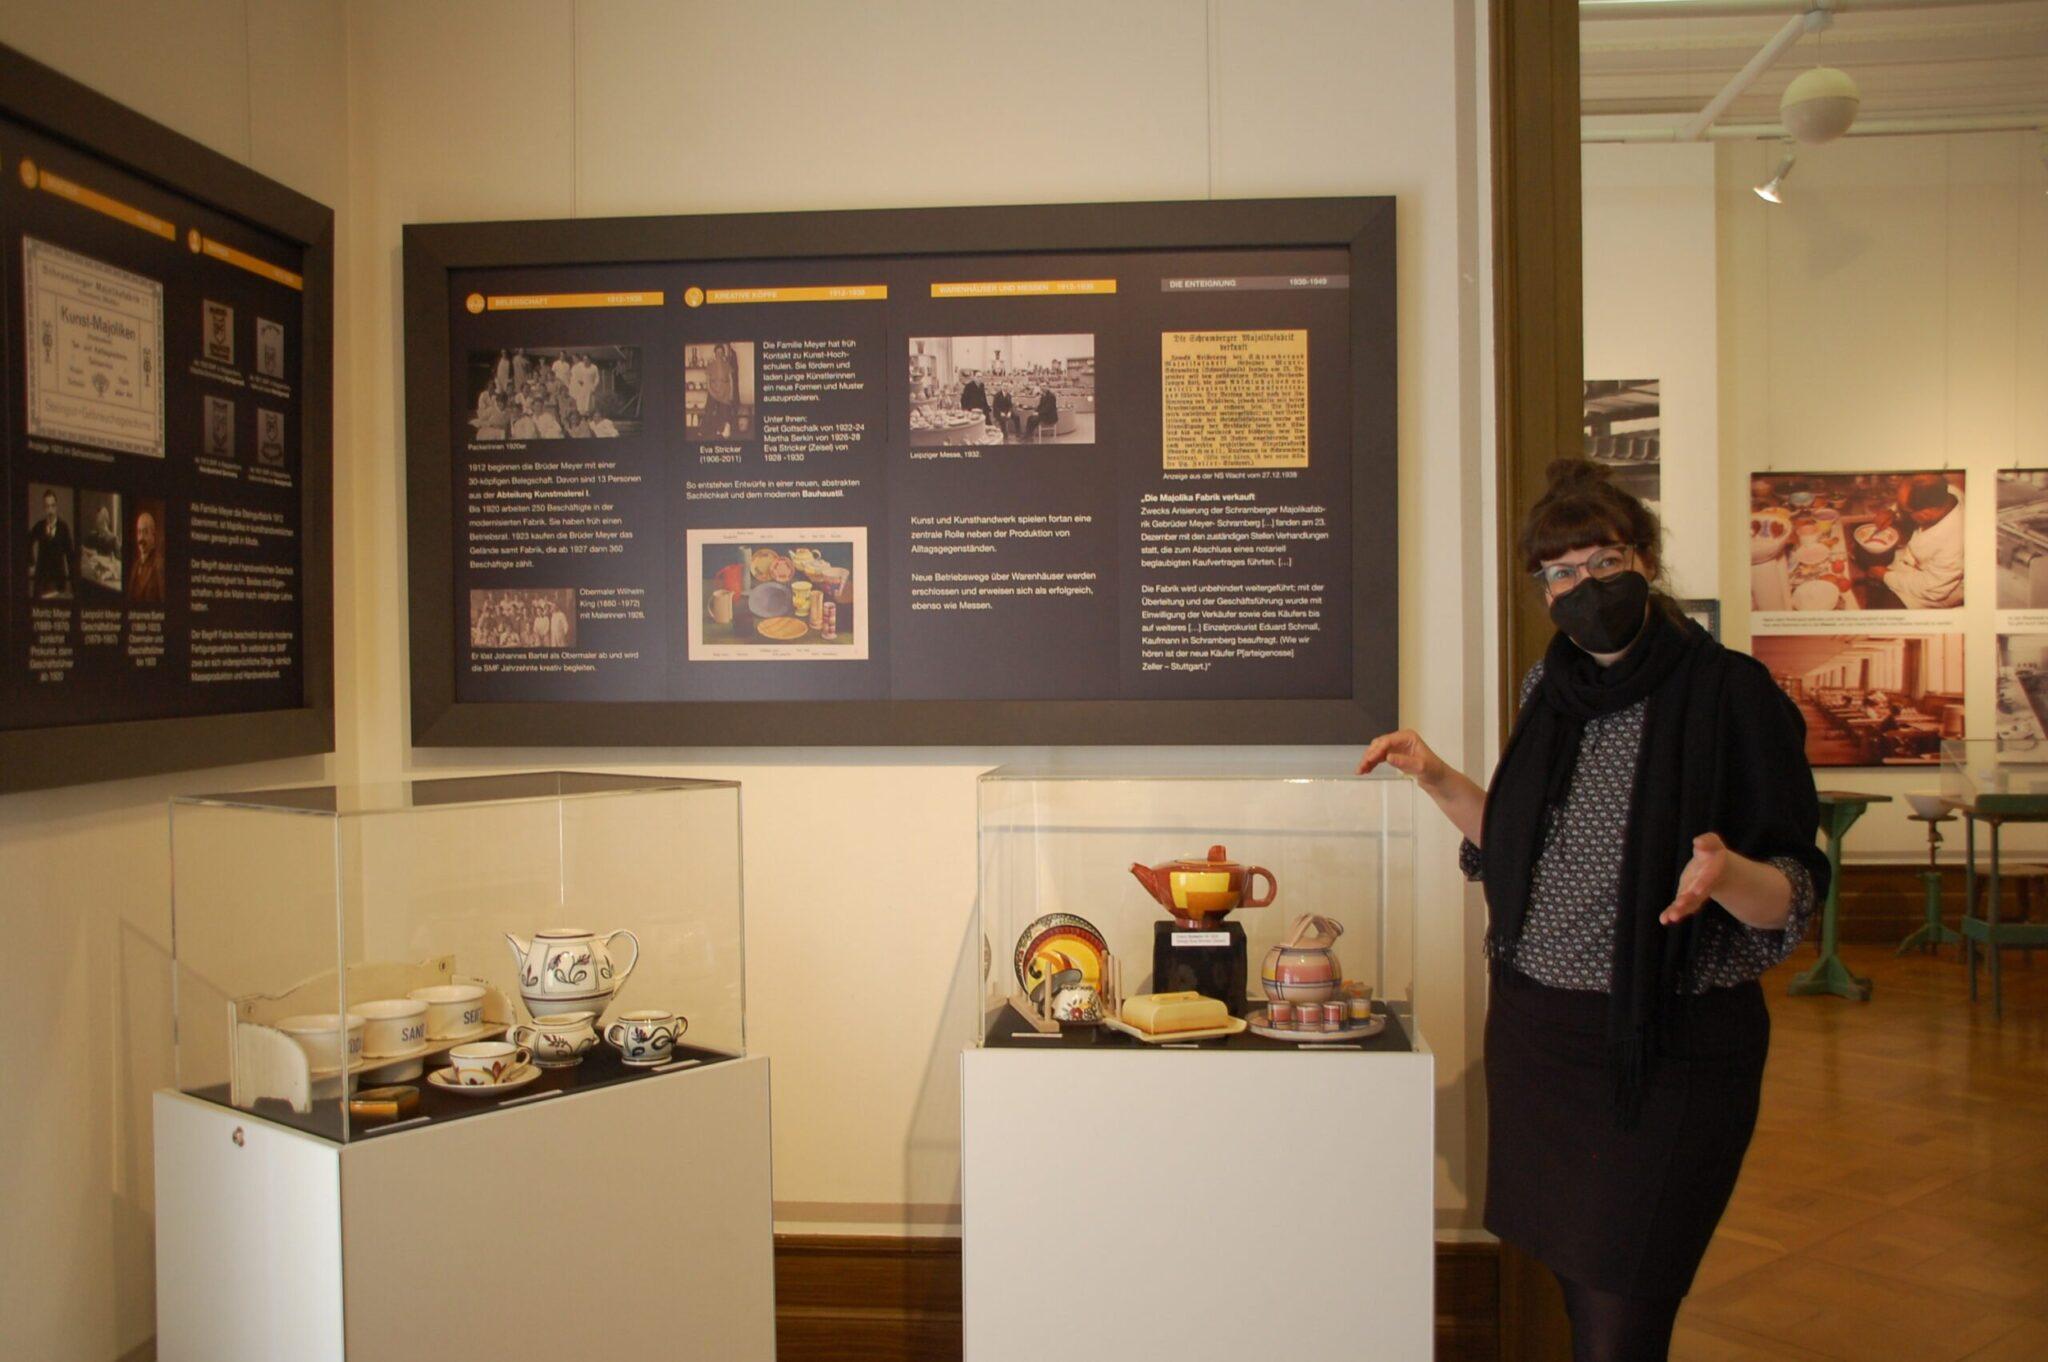 """Die Kuratorin des Stadtmuseums Schramberg, Annette Hehr, gibt einen Rundgang durch die neue Sonderausstellung """"Alle Tassen im Schrank"""" zum 200-jährigen Jubiläum der Majolikafabrik. Alle Fotos: lm"""